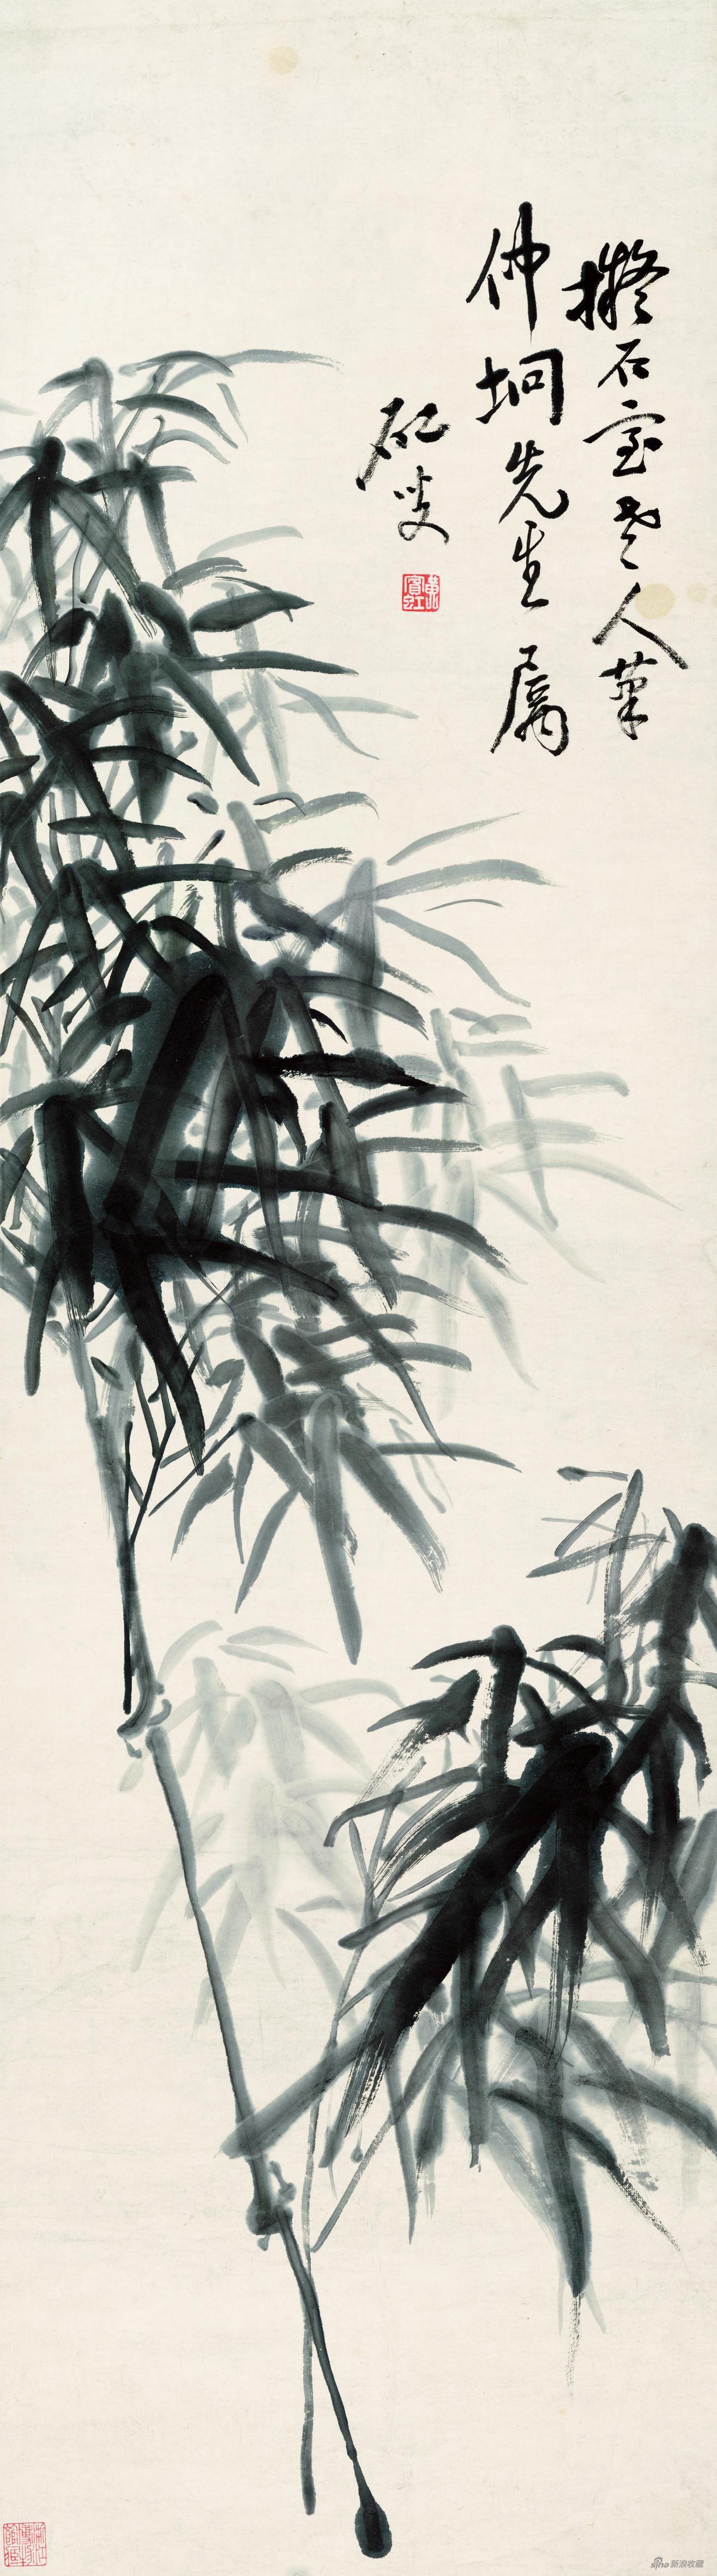 墨竹 黄宾虹 115cm×33cm 无年款 纸本水墨 浙江省博物馆藏